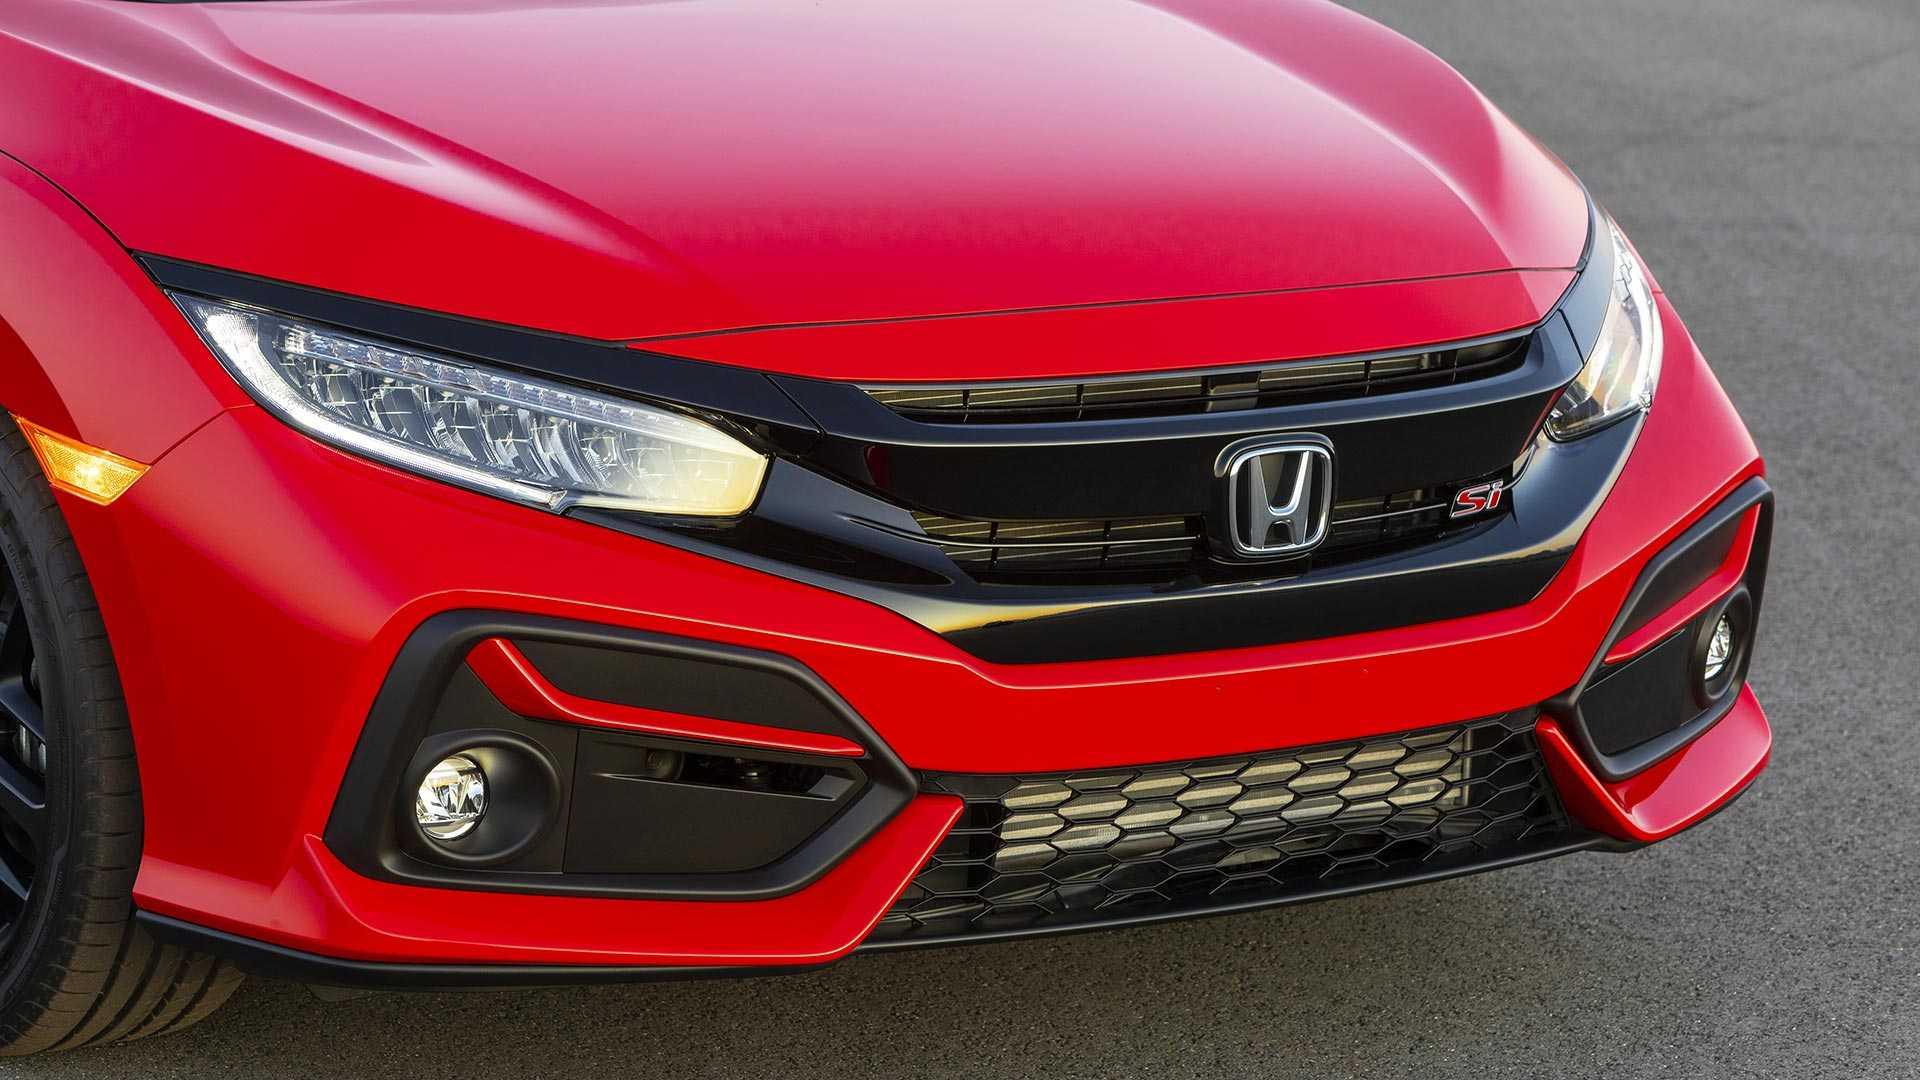 Khám phá Honda Civic Si 2020 phiên bản thể thao - 09